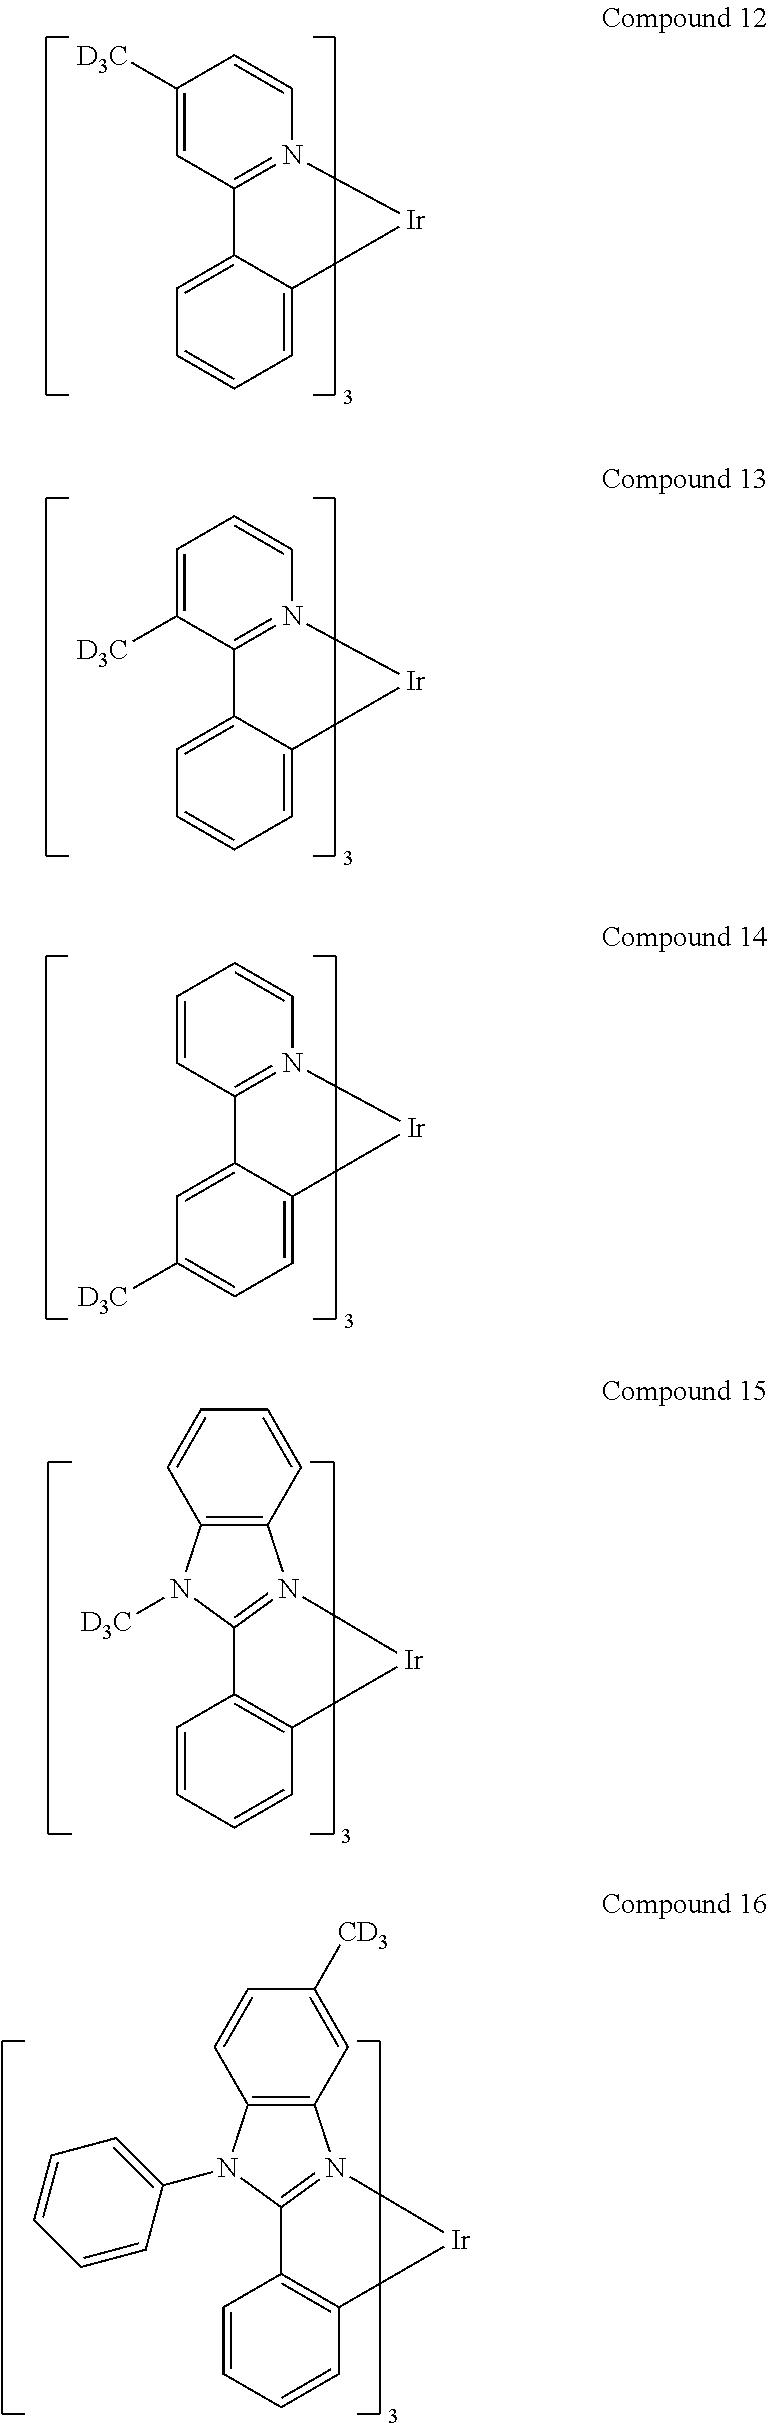 Figure US20100270916A1-20101028-C00215